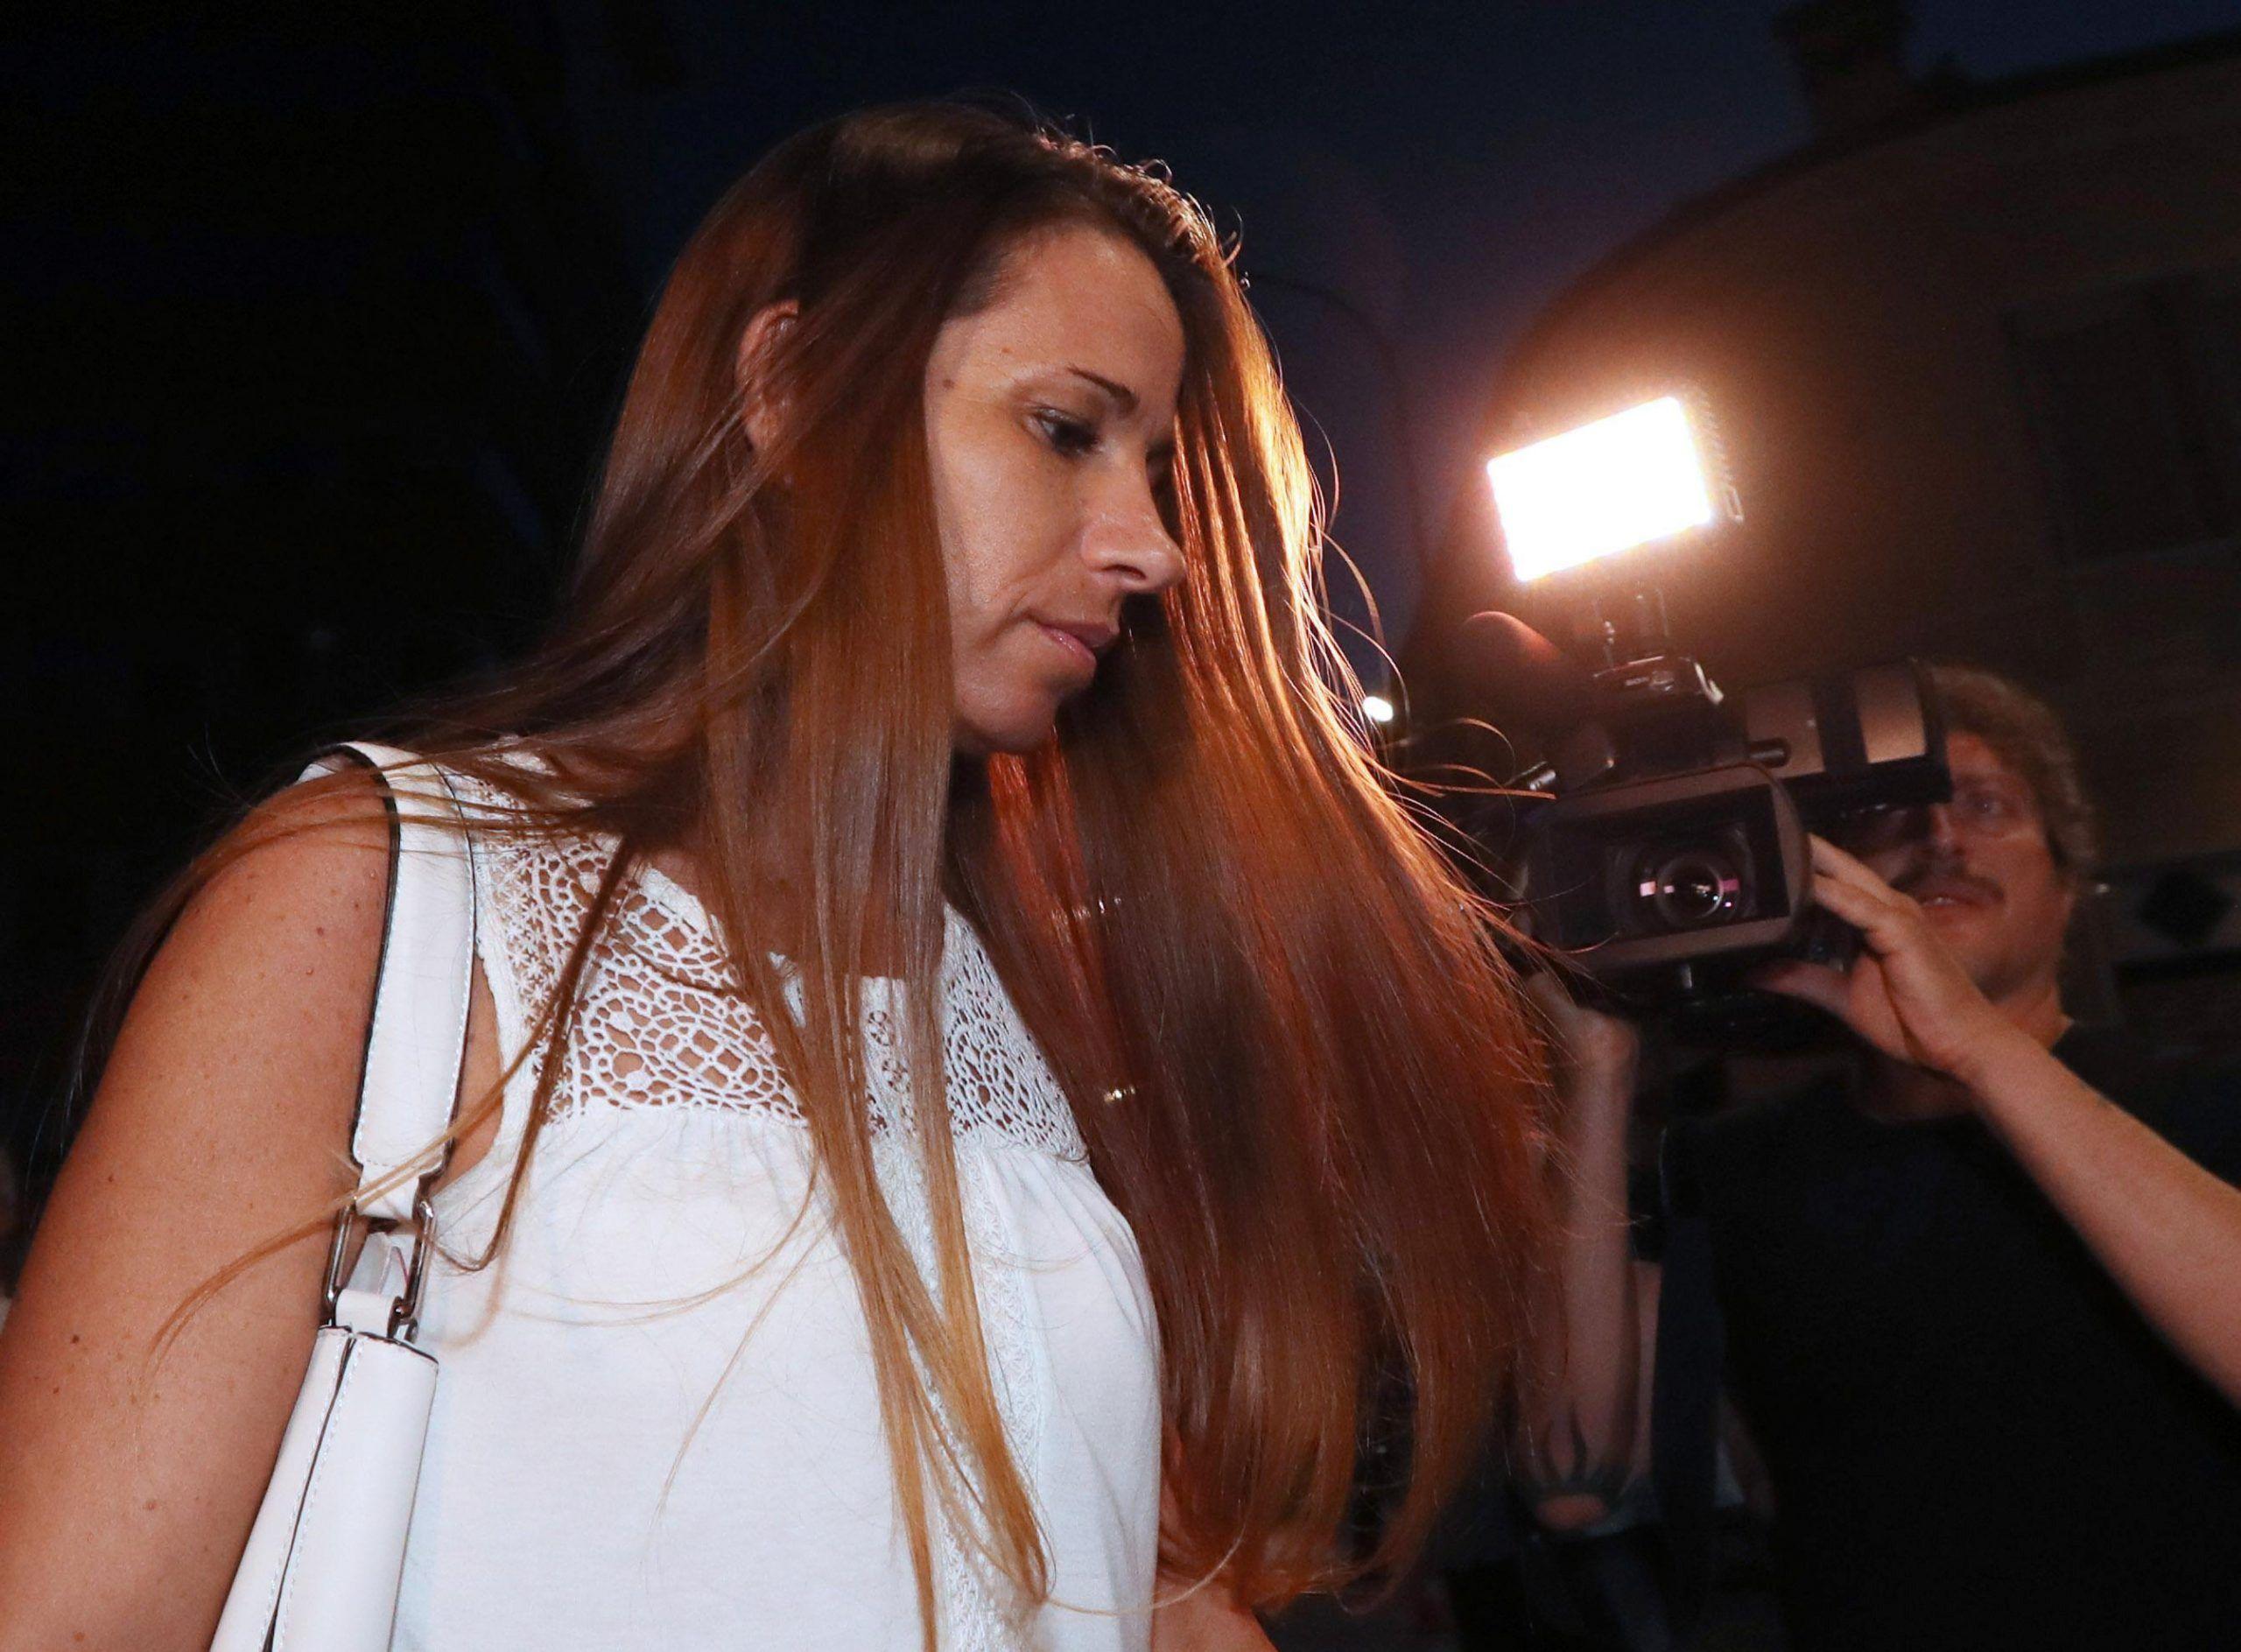 'Massimo Bossetti è innocente, non lo lascio': parla la moglie Marita Comi